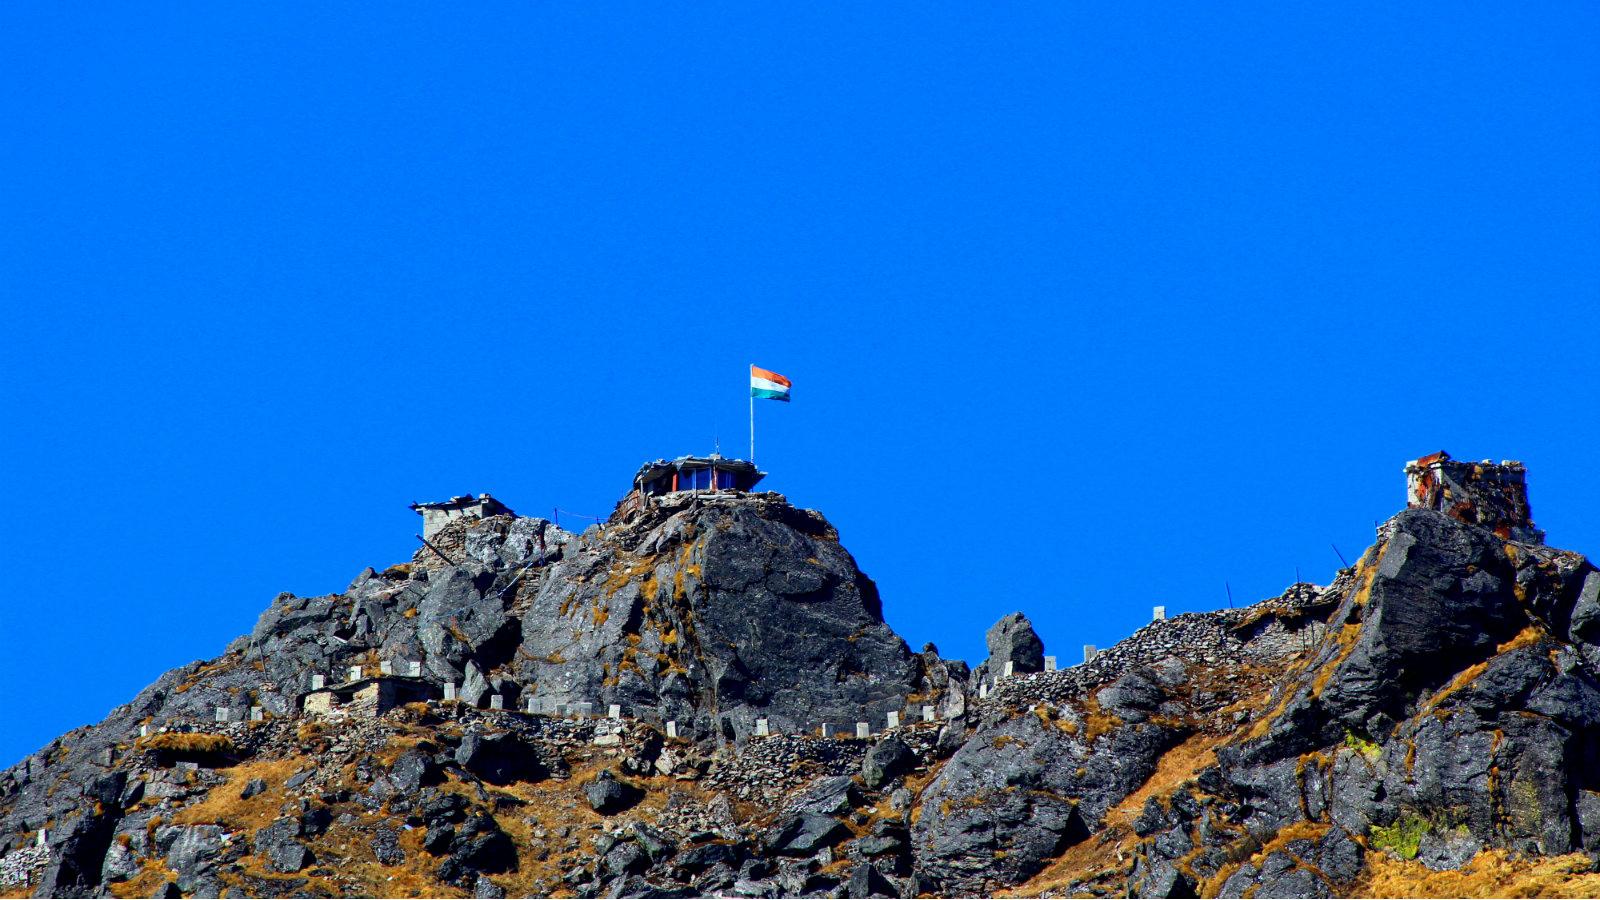 India-Environment-Himalaya